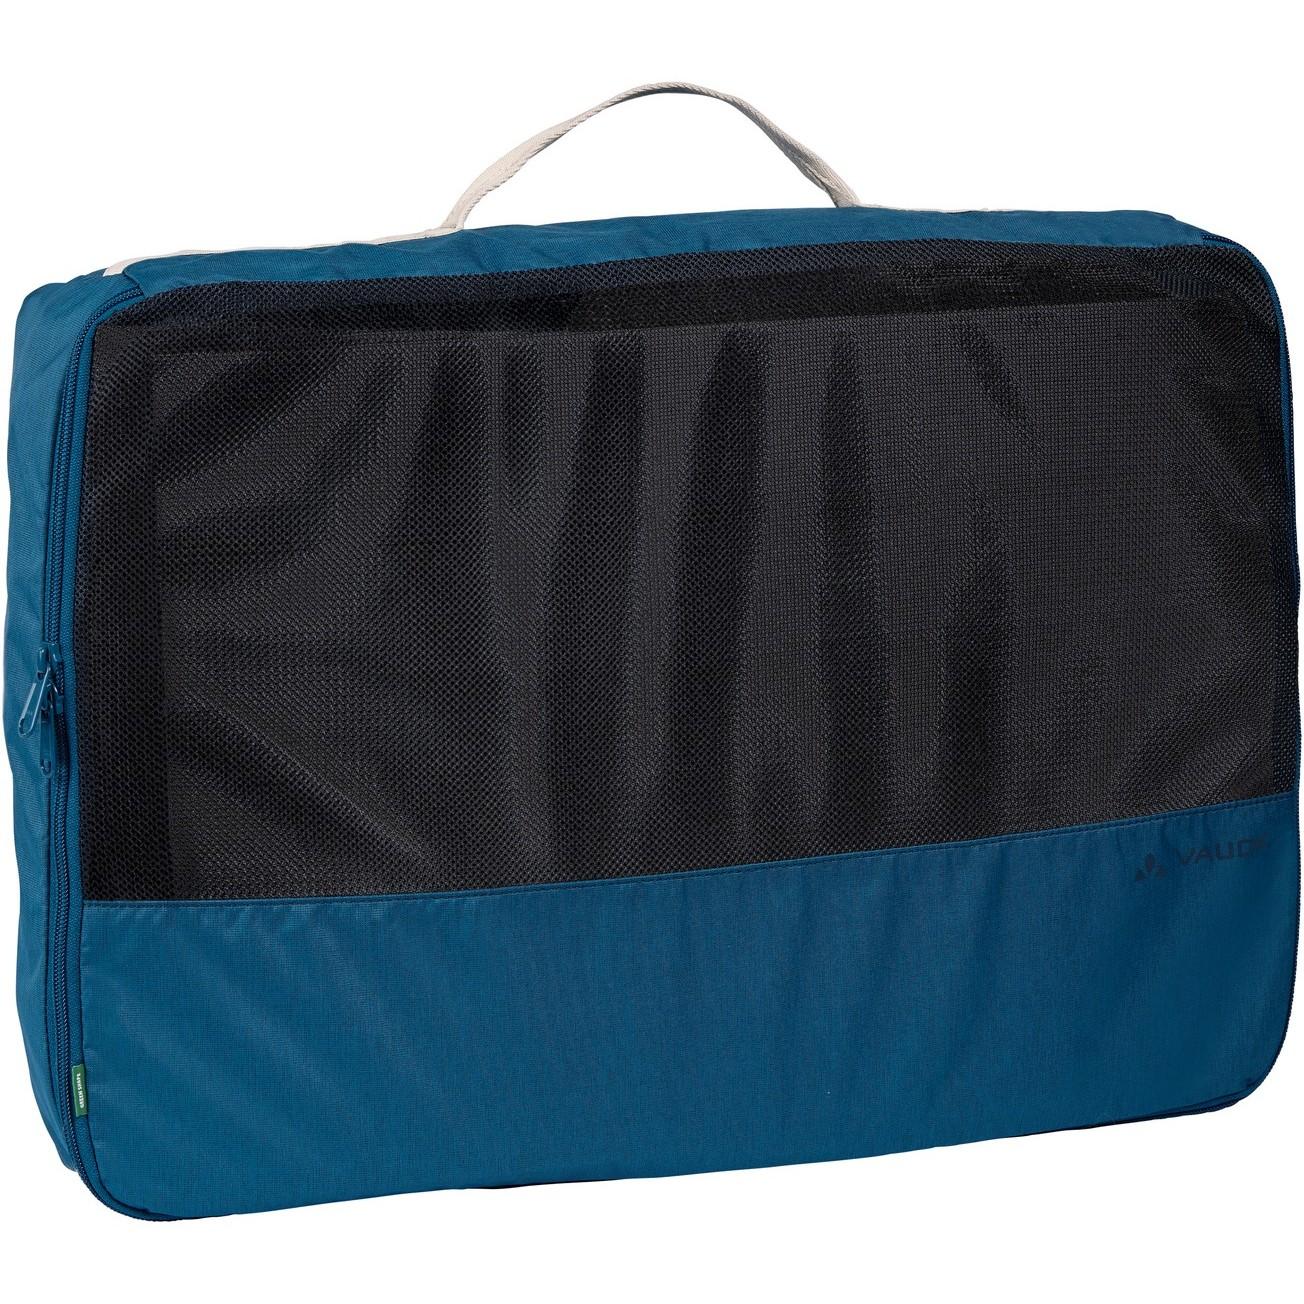 Vaude Trip Box - Reisetasche L - kingfisher